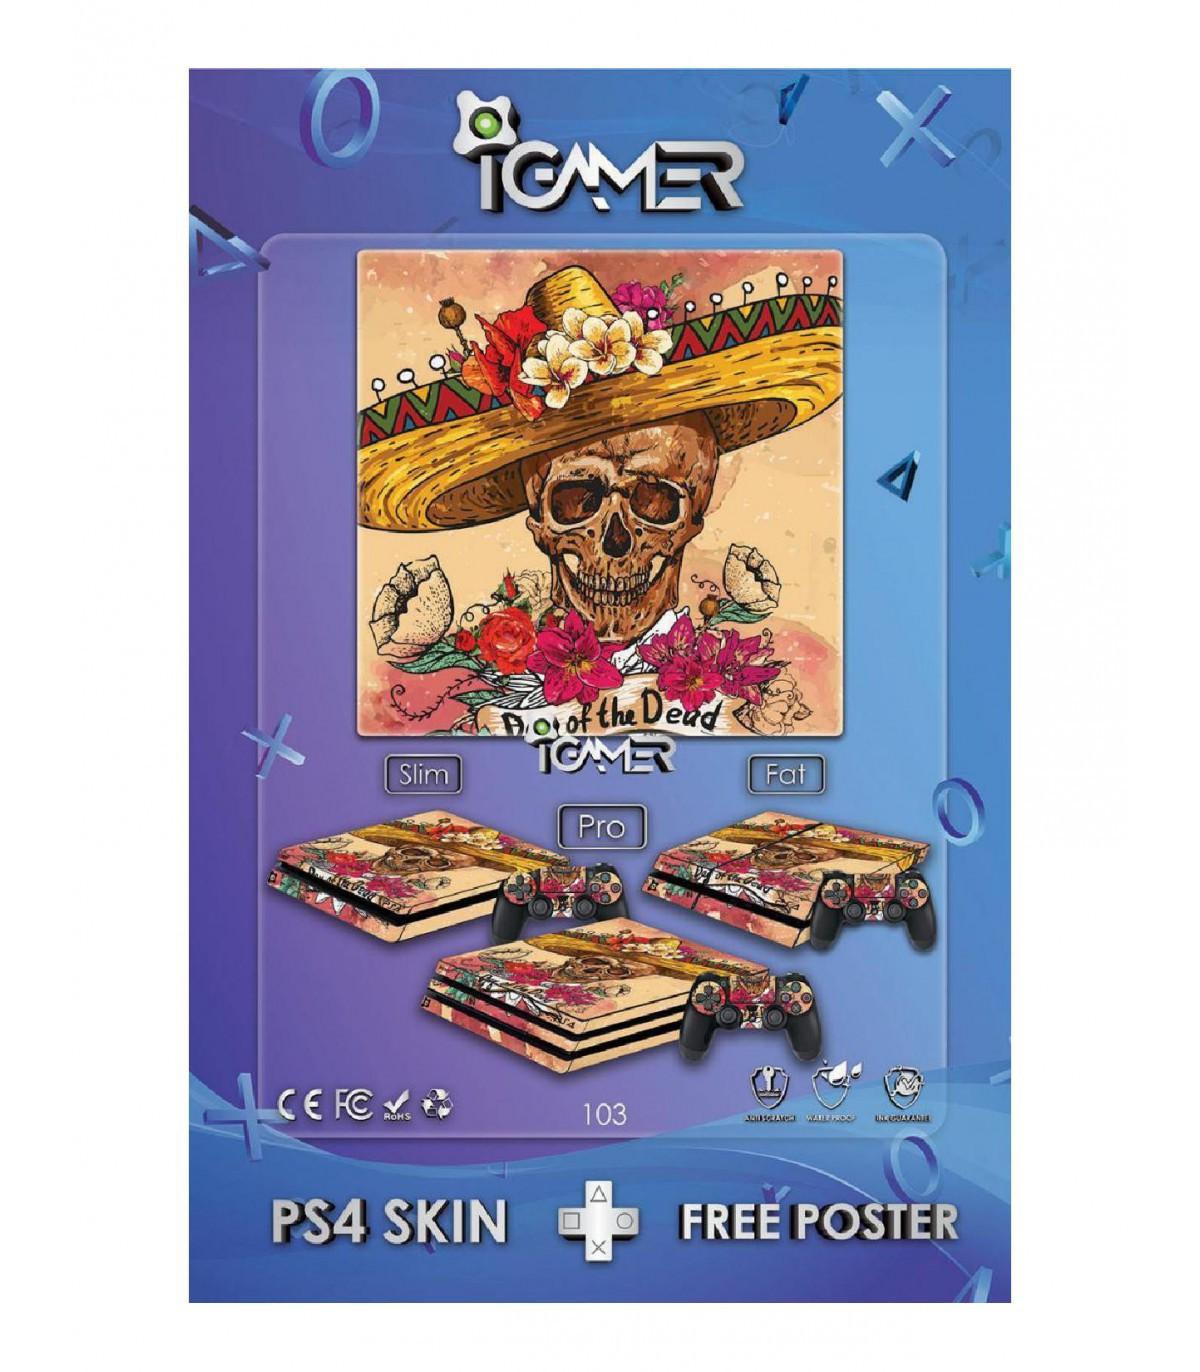 اسکین PS4 آی گیمر طرح جدید شماره ۳